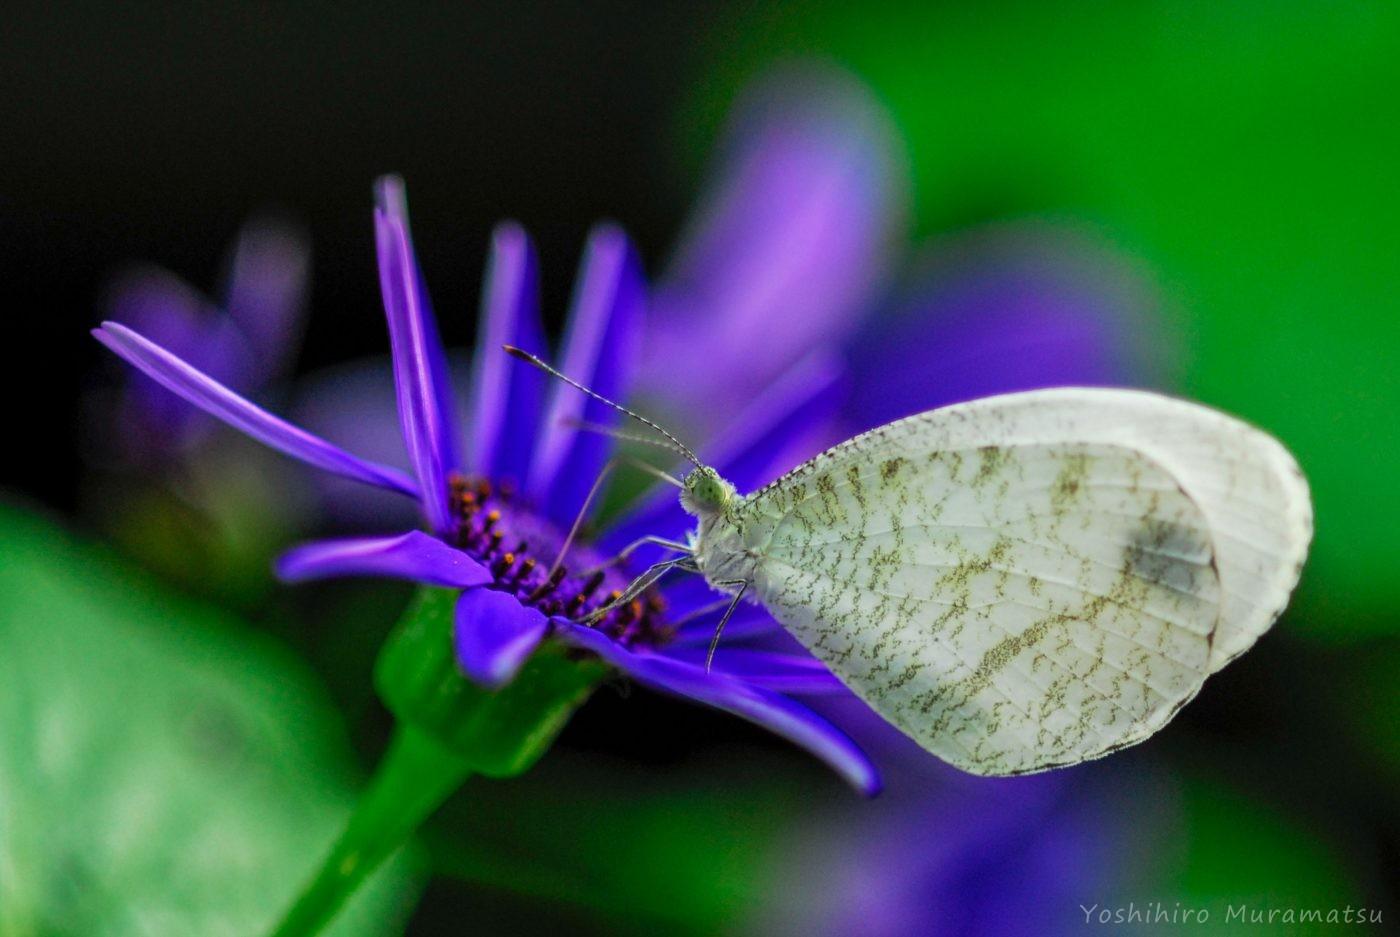 クロテンシロチョウが紫の花に止まっている写真